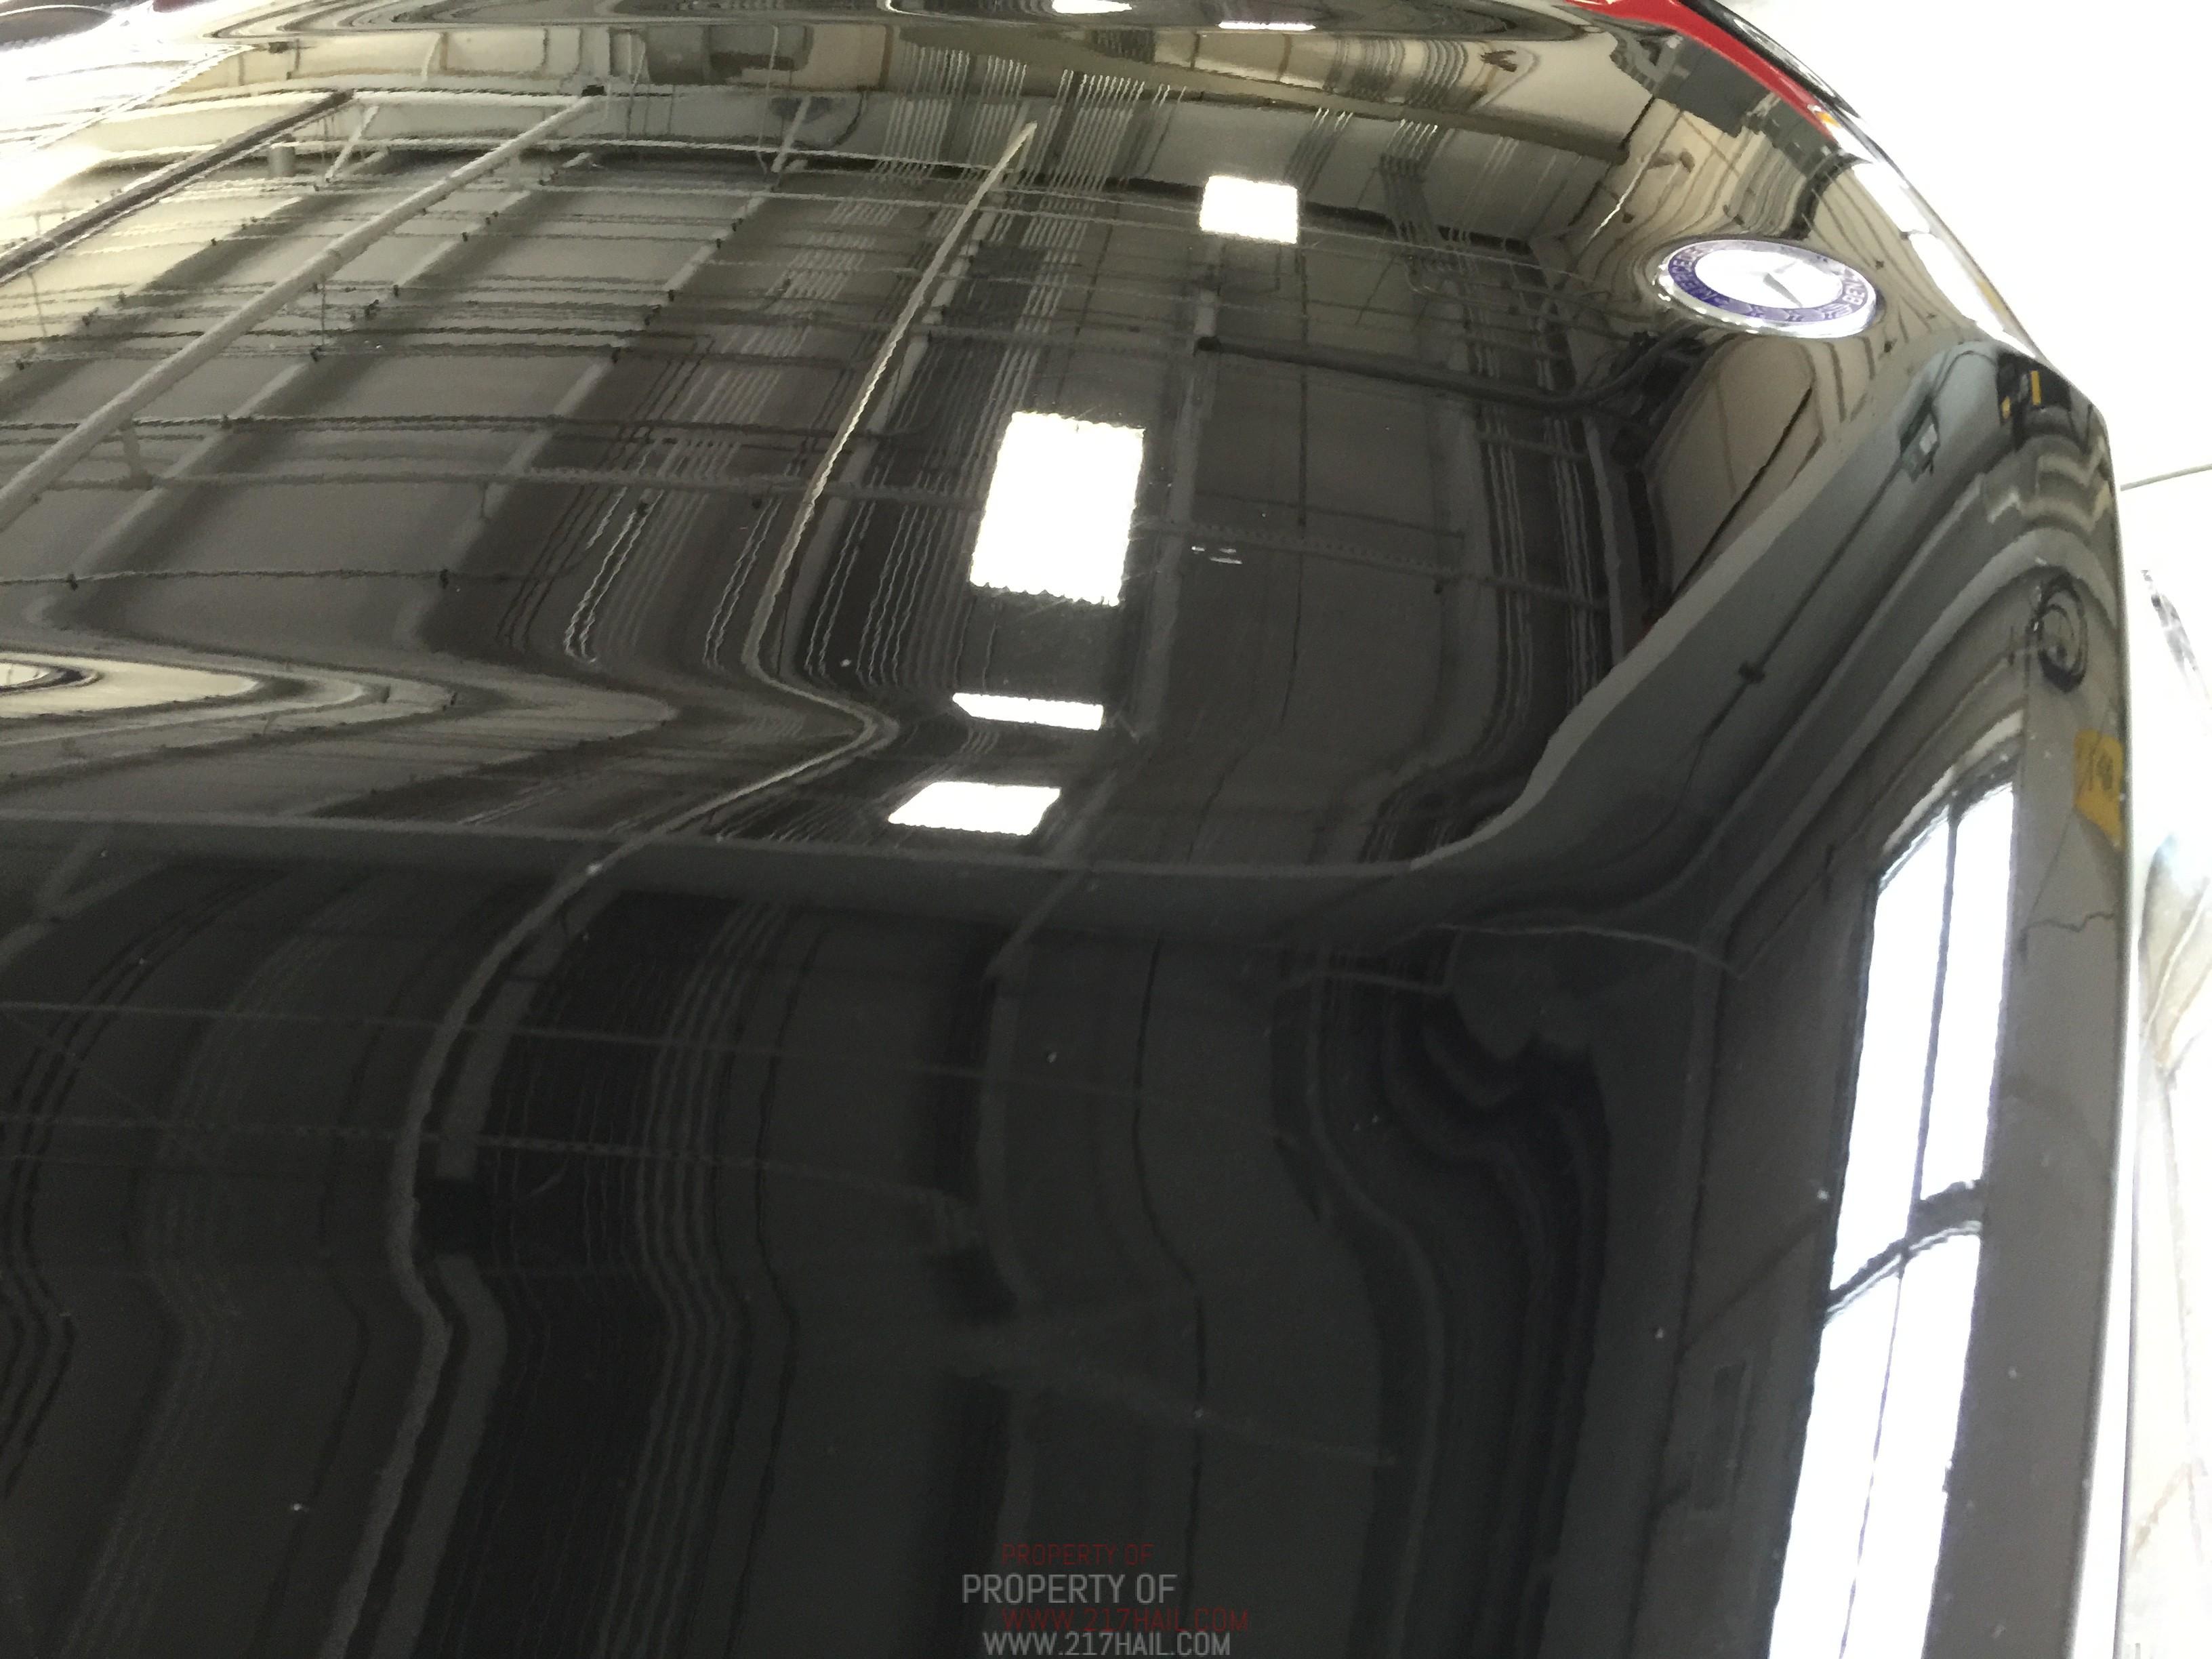 2012 GL450 Mercedes Benz Aluminum Hood Dent Removal, Springfield, IL Http://217dent.com